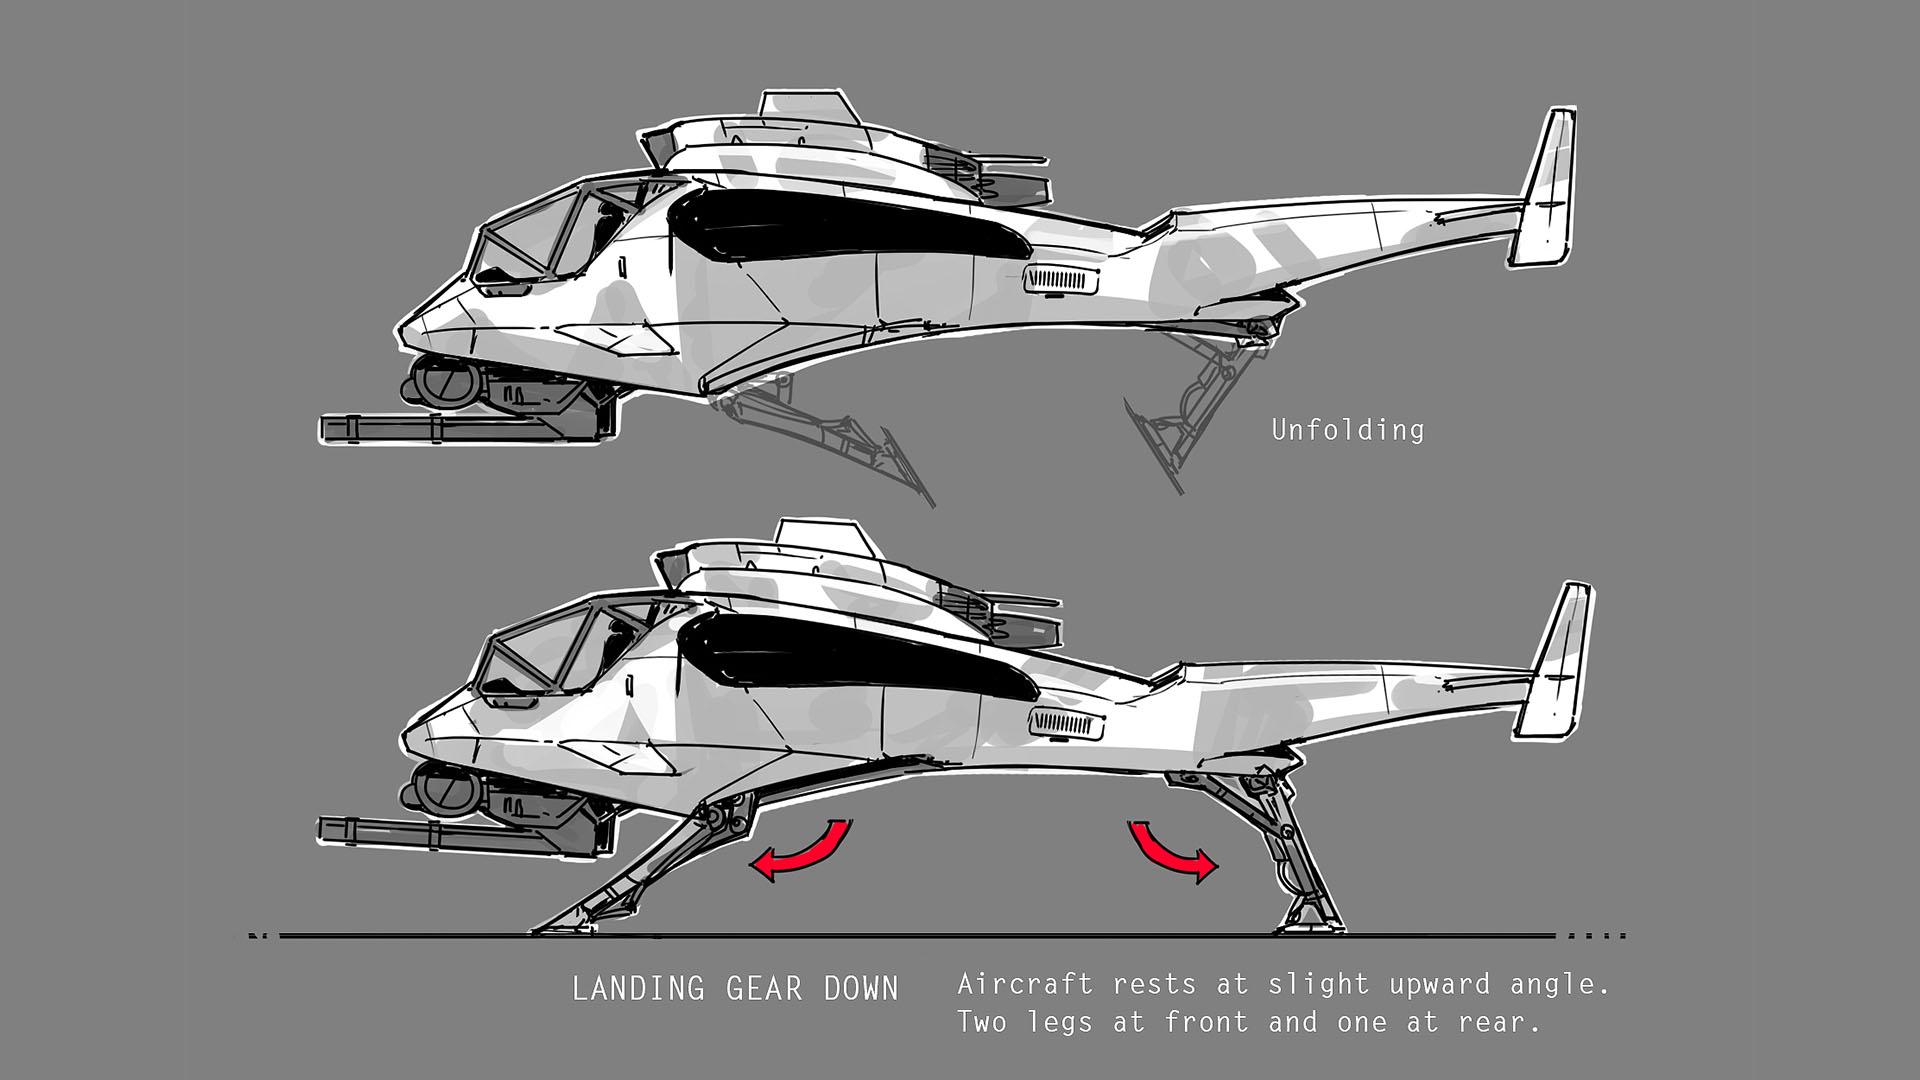 VTOL landing gear